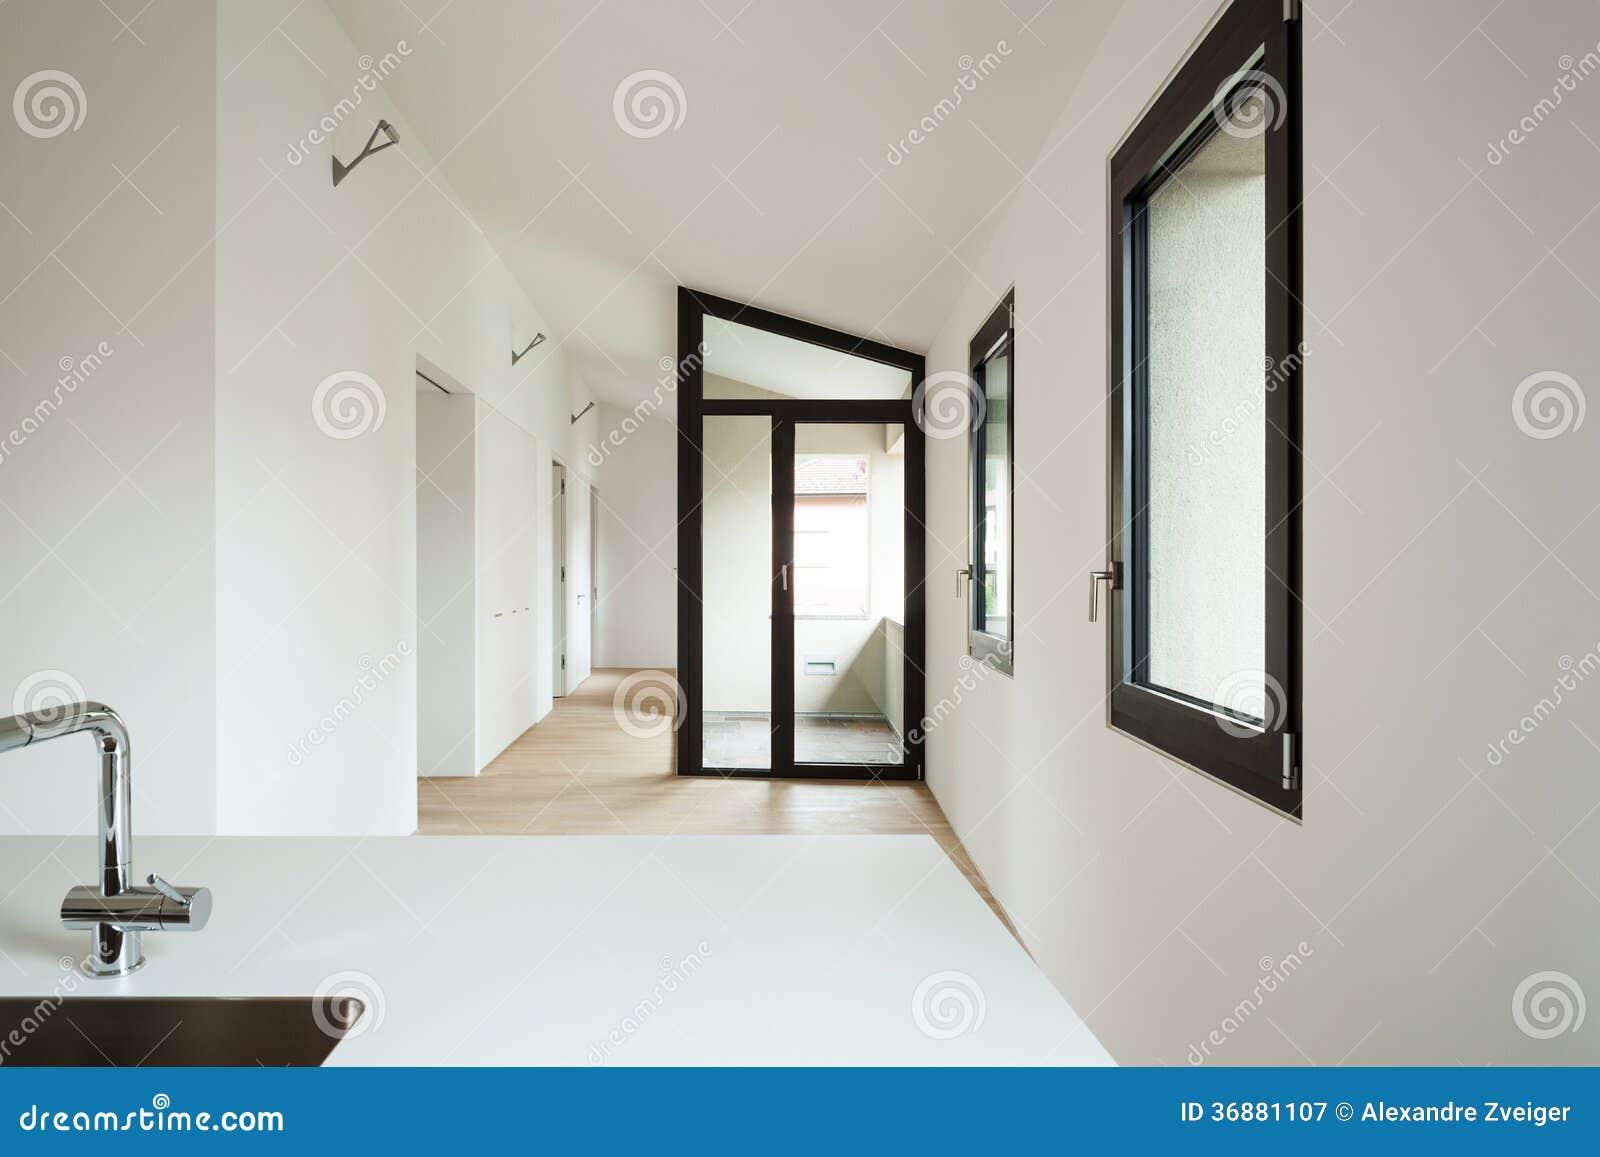 Download Nuova casa interna immagine stock. Immagine di vista - 36881107